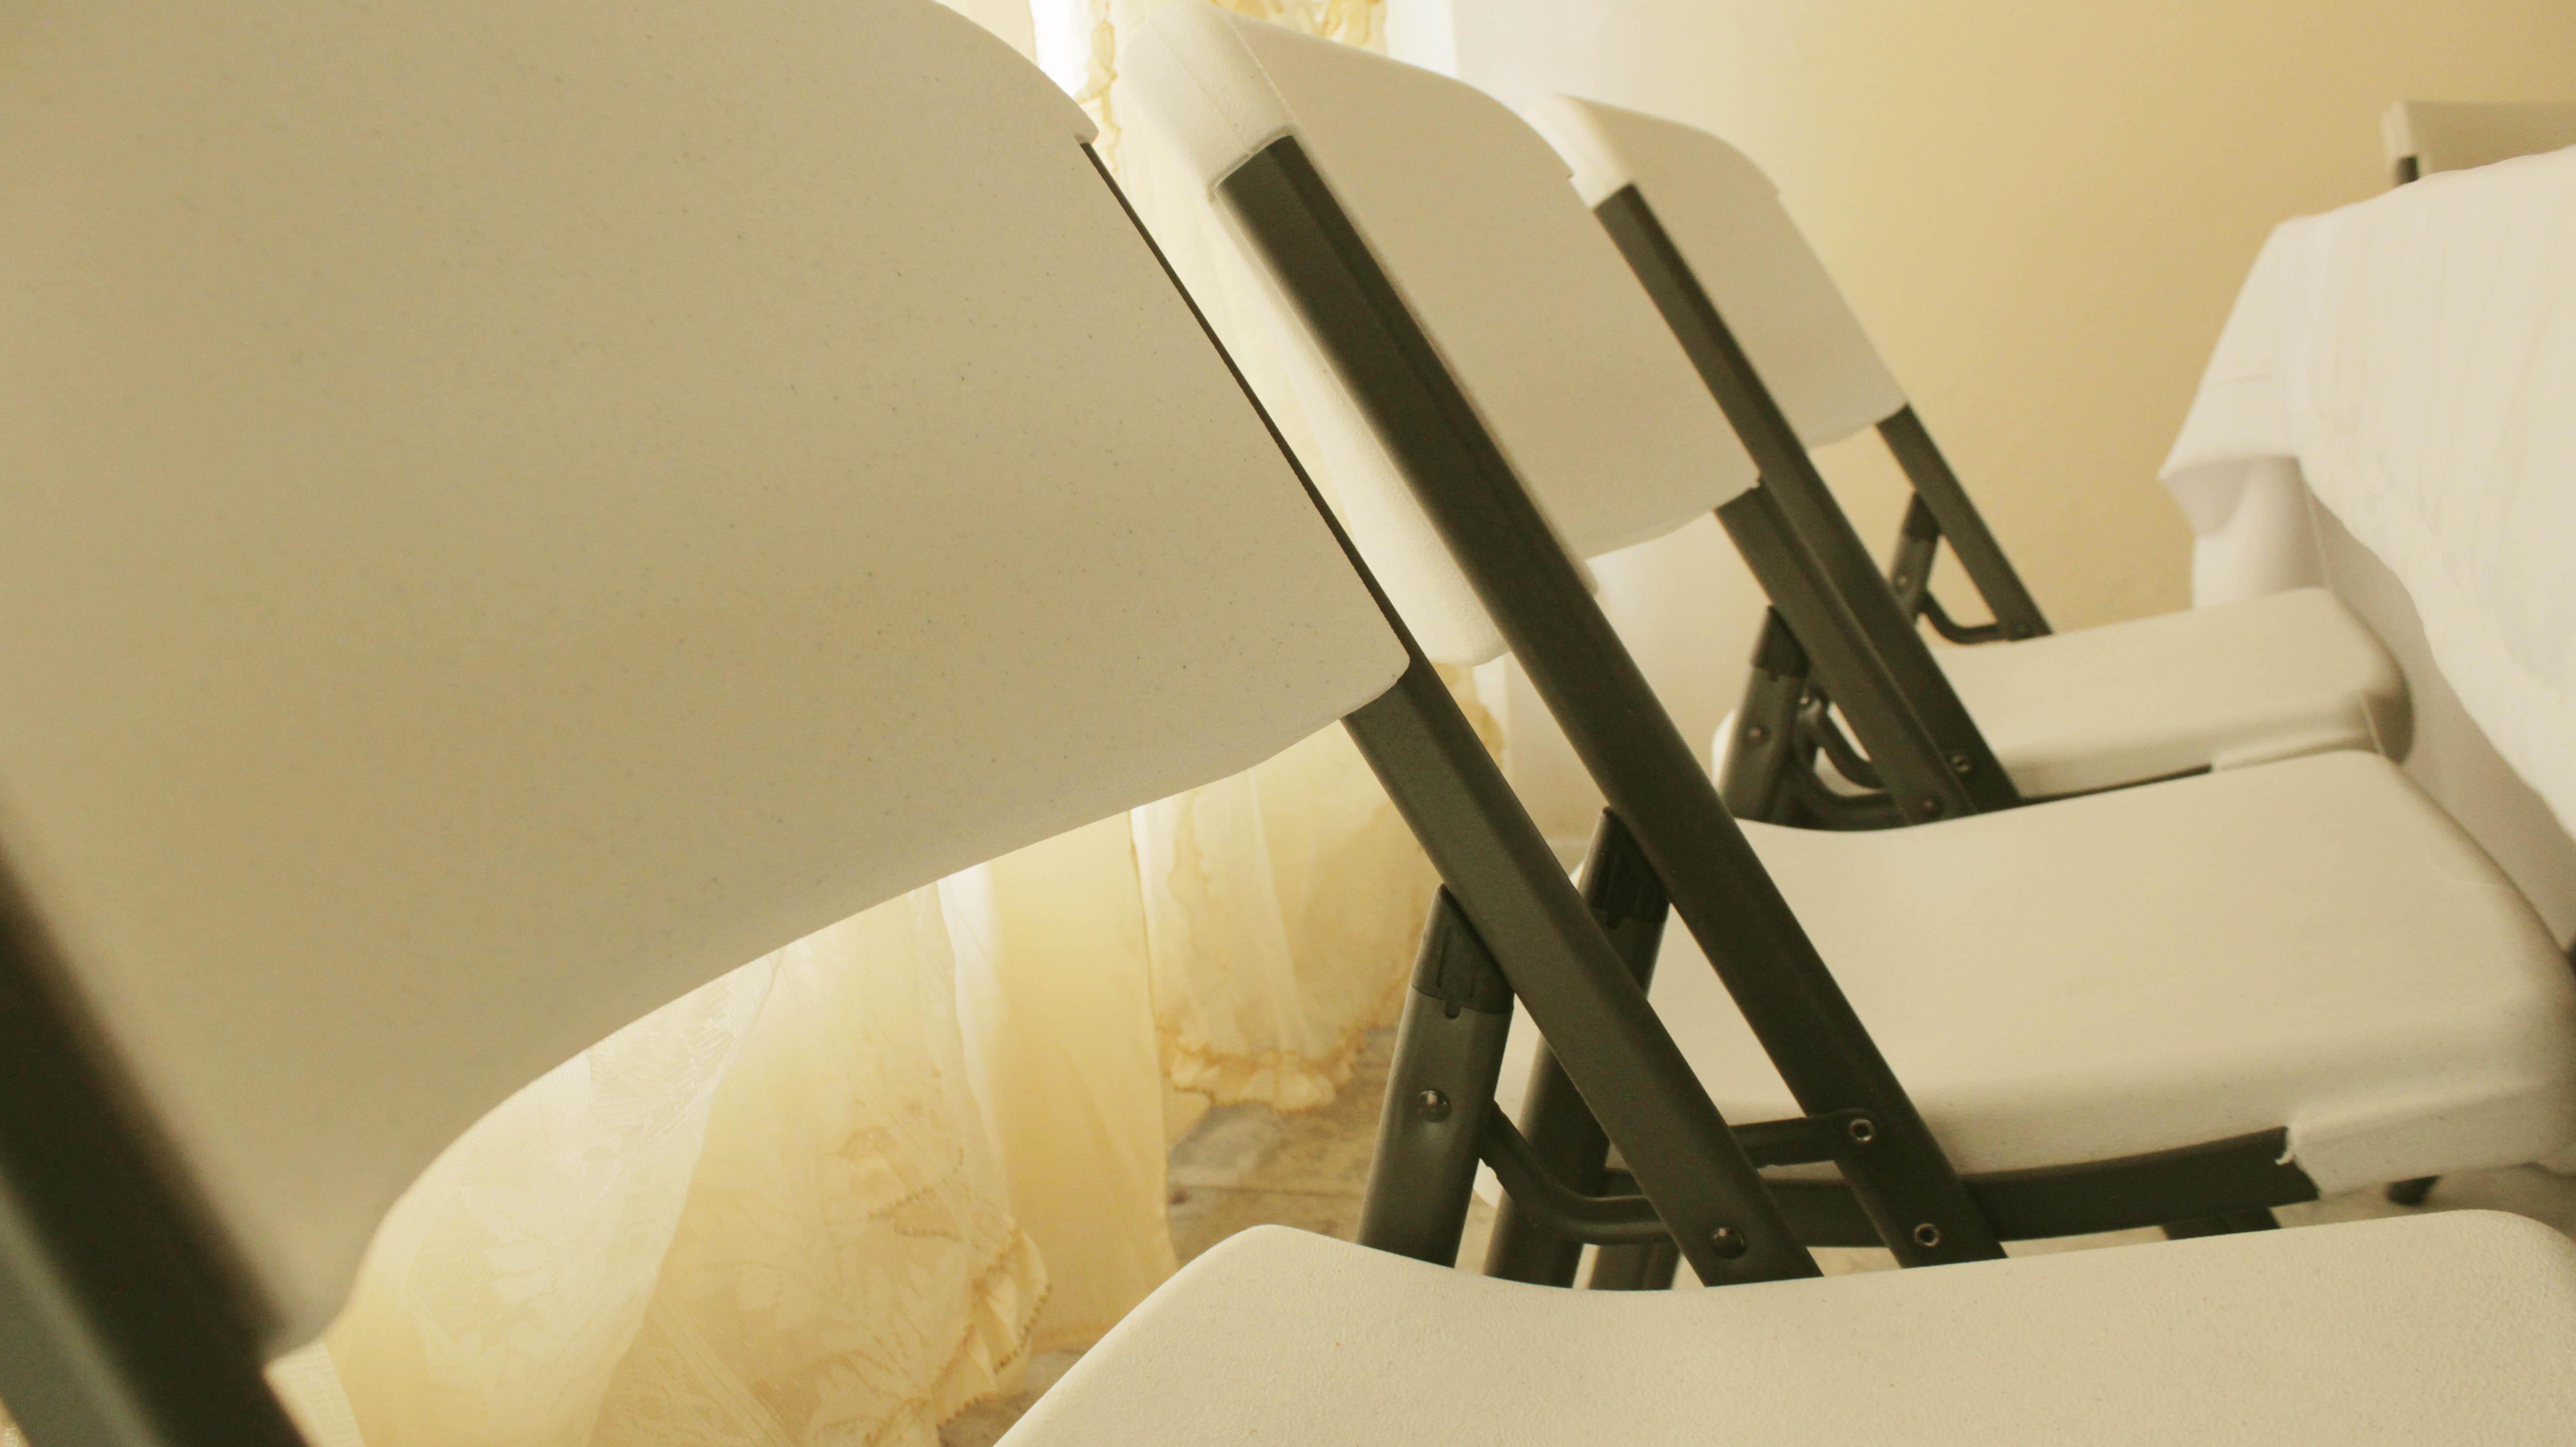 Renta de sillas de pl stico alta calidad renta le n - Mesas y sillas de plastico ...